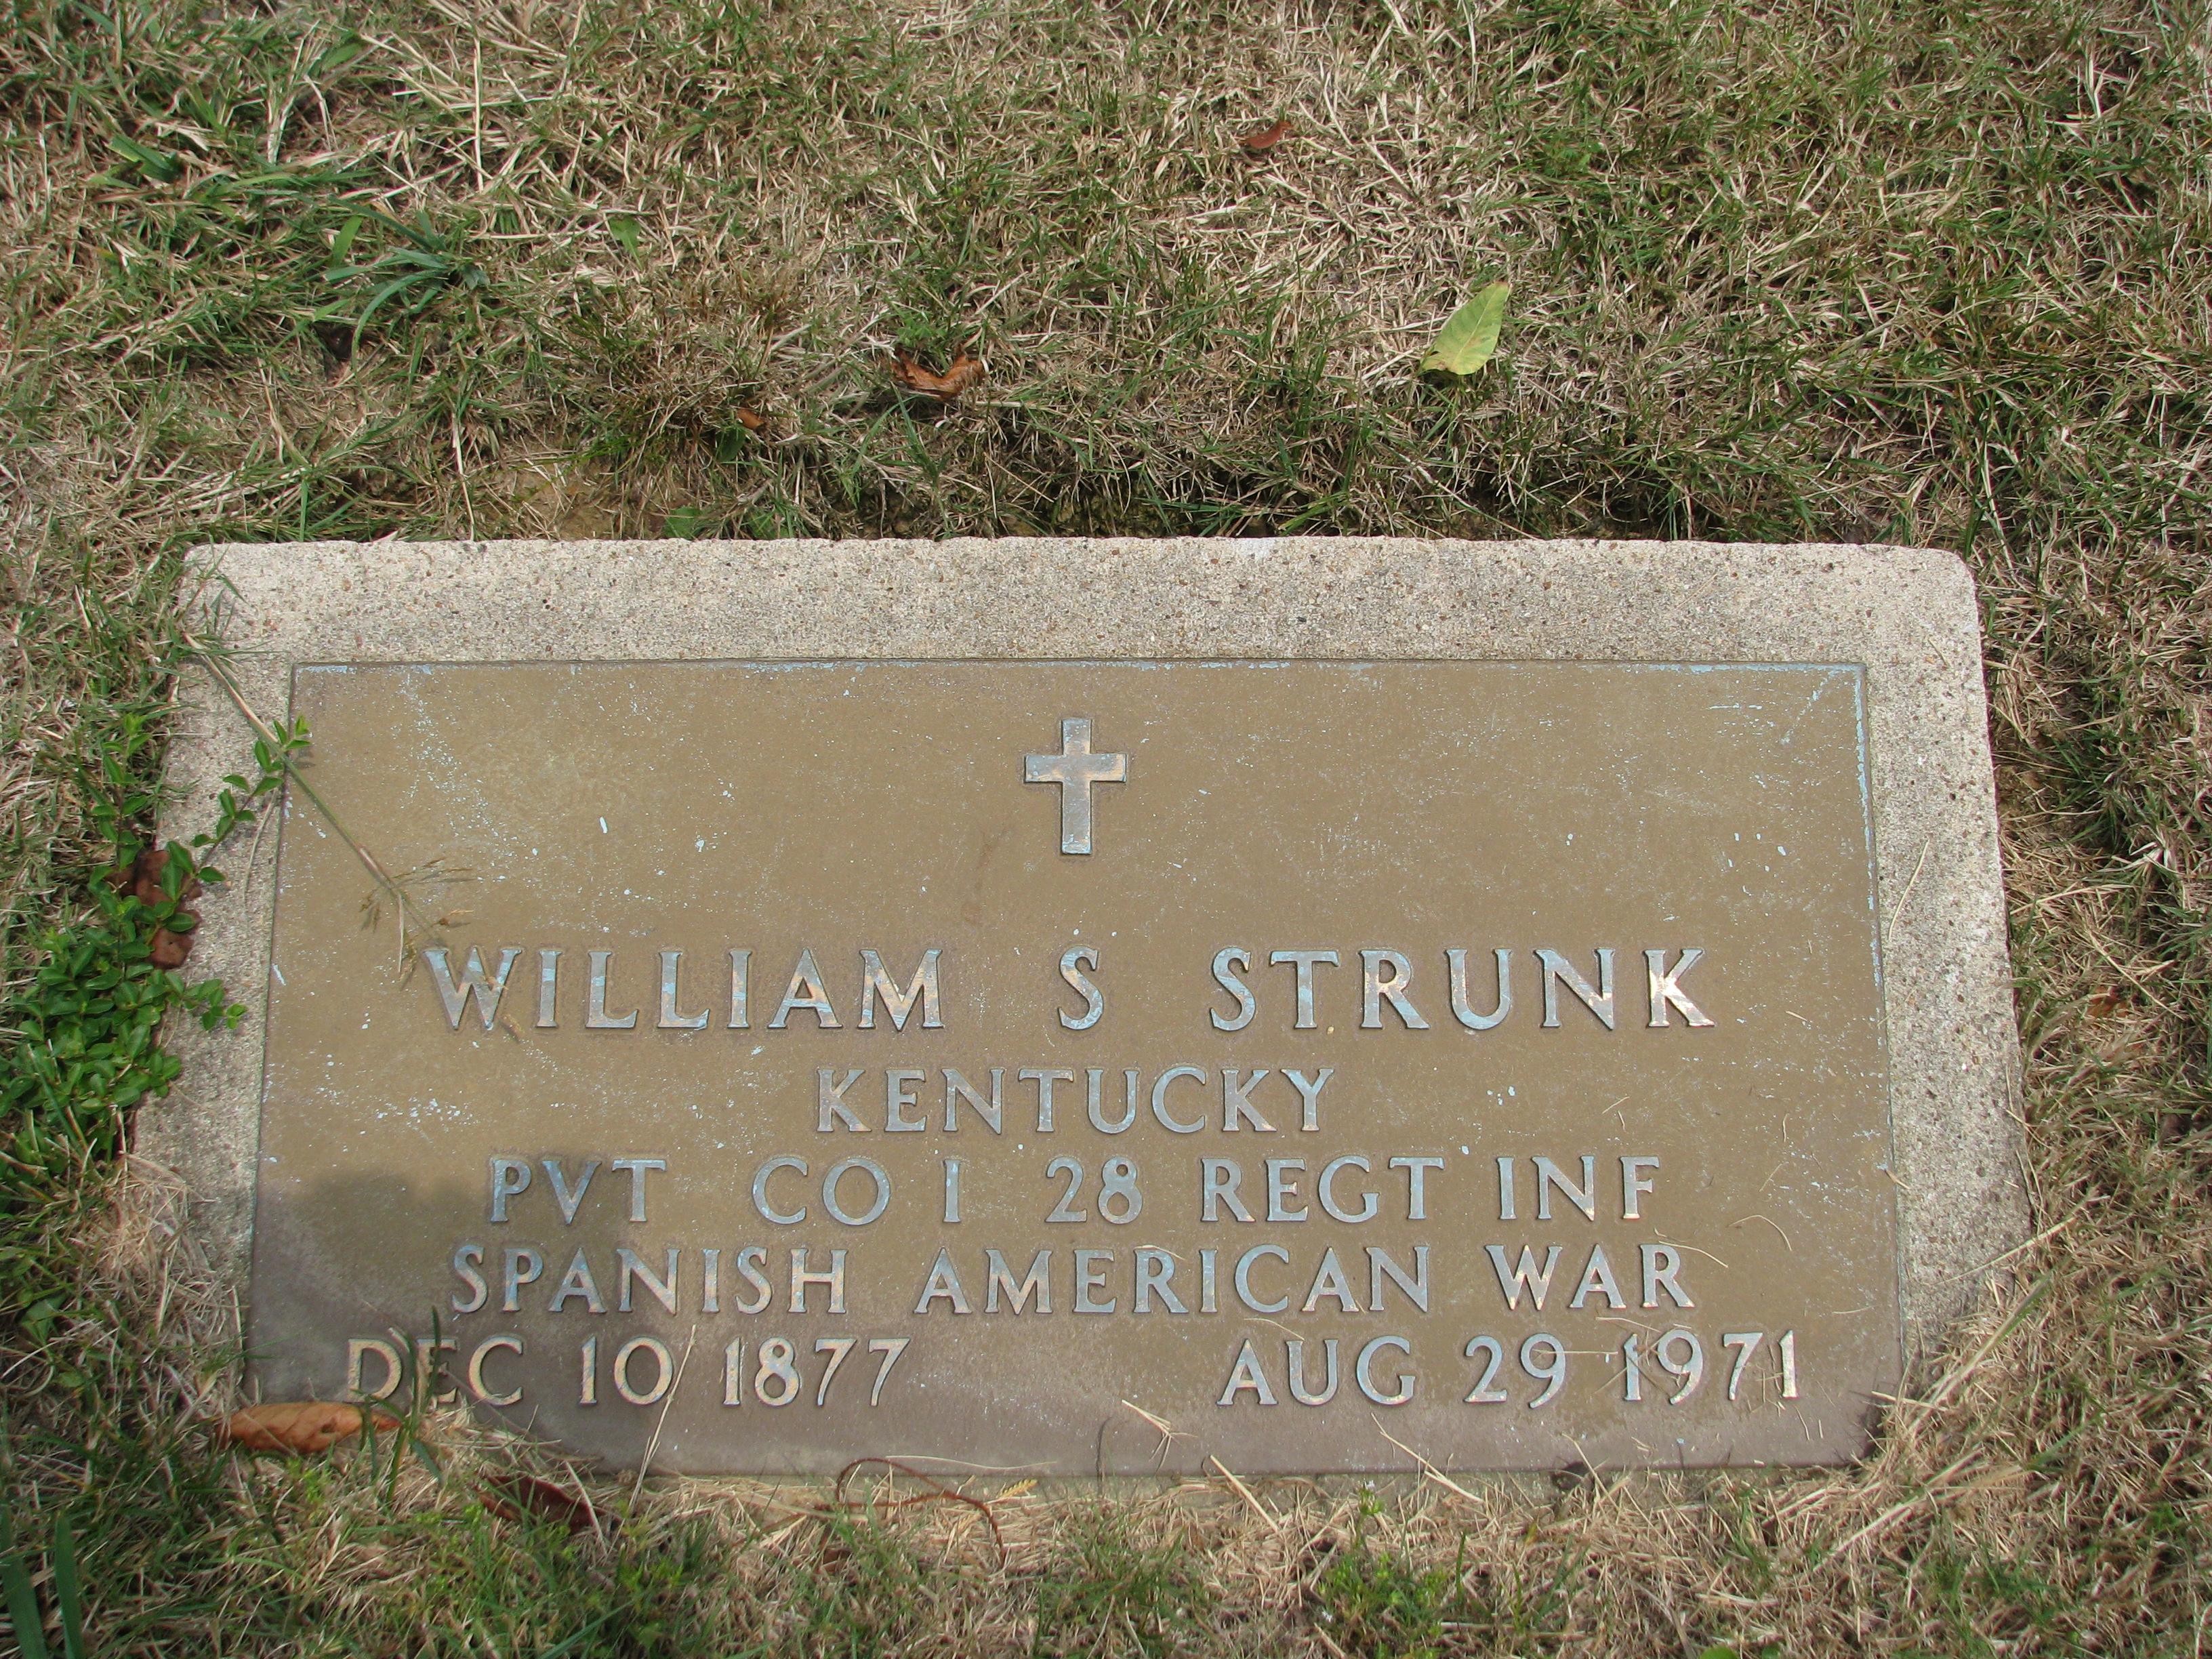 William Sidney Strunk